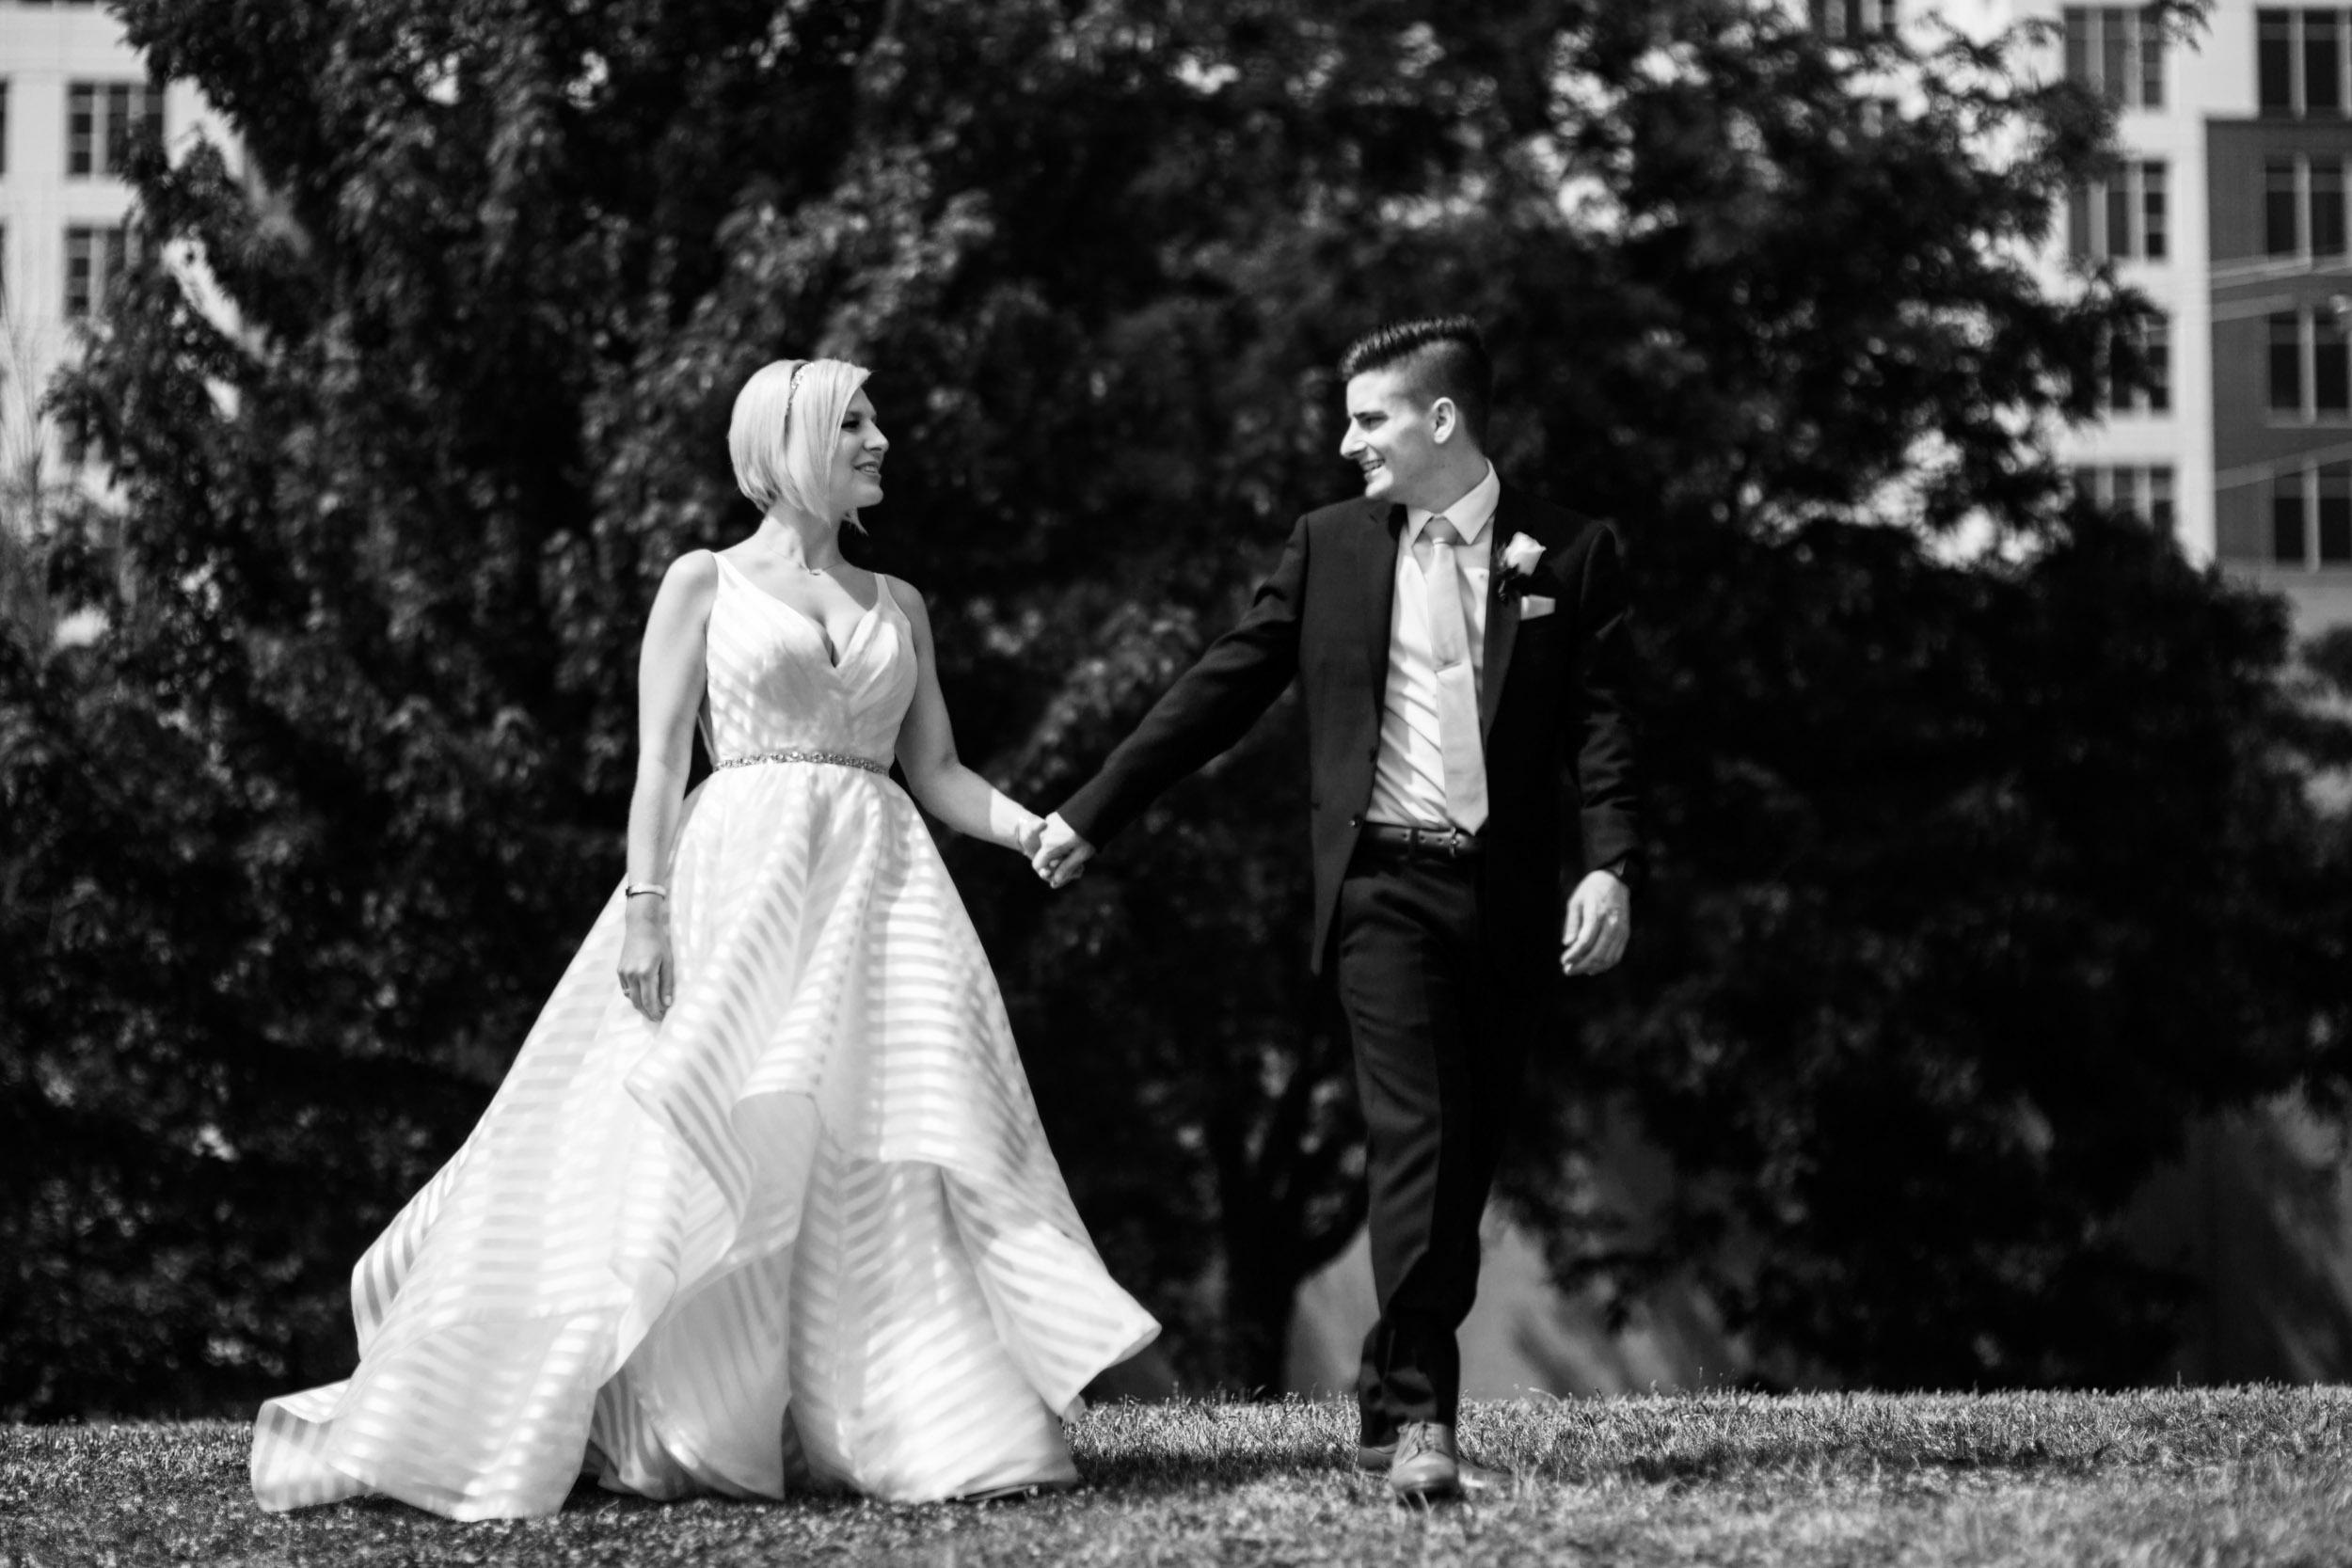 Mary Bartleme Park Wedding photos